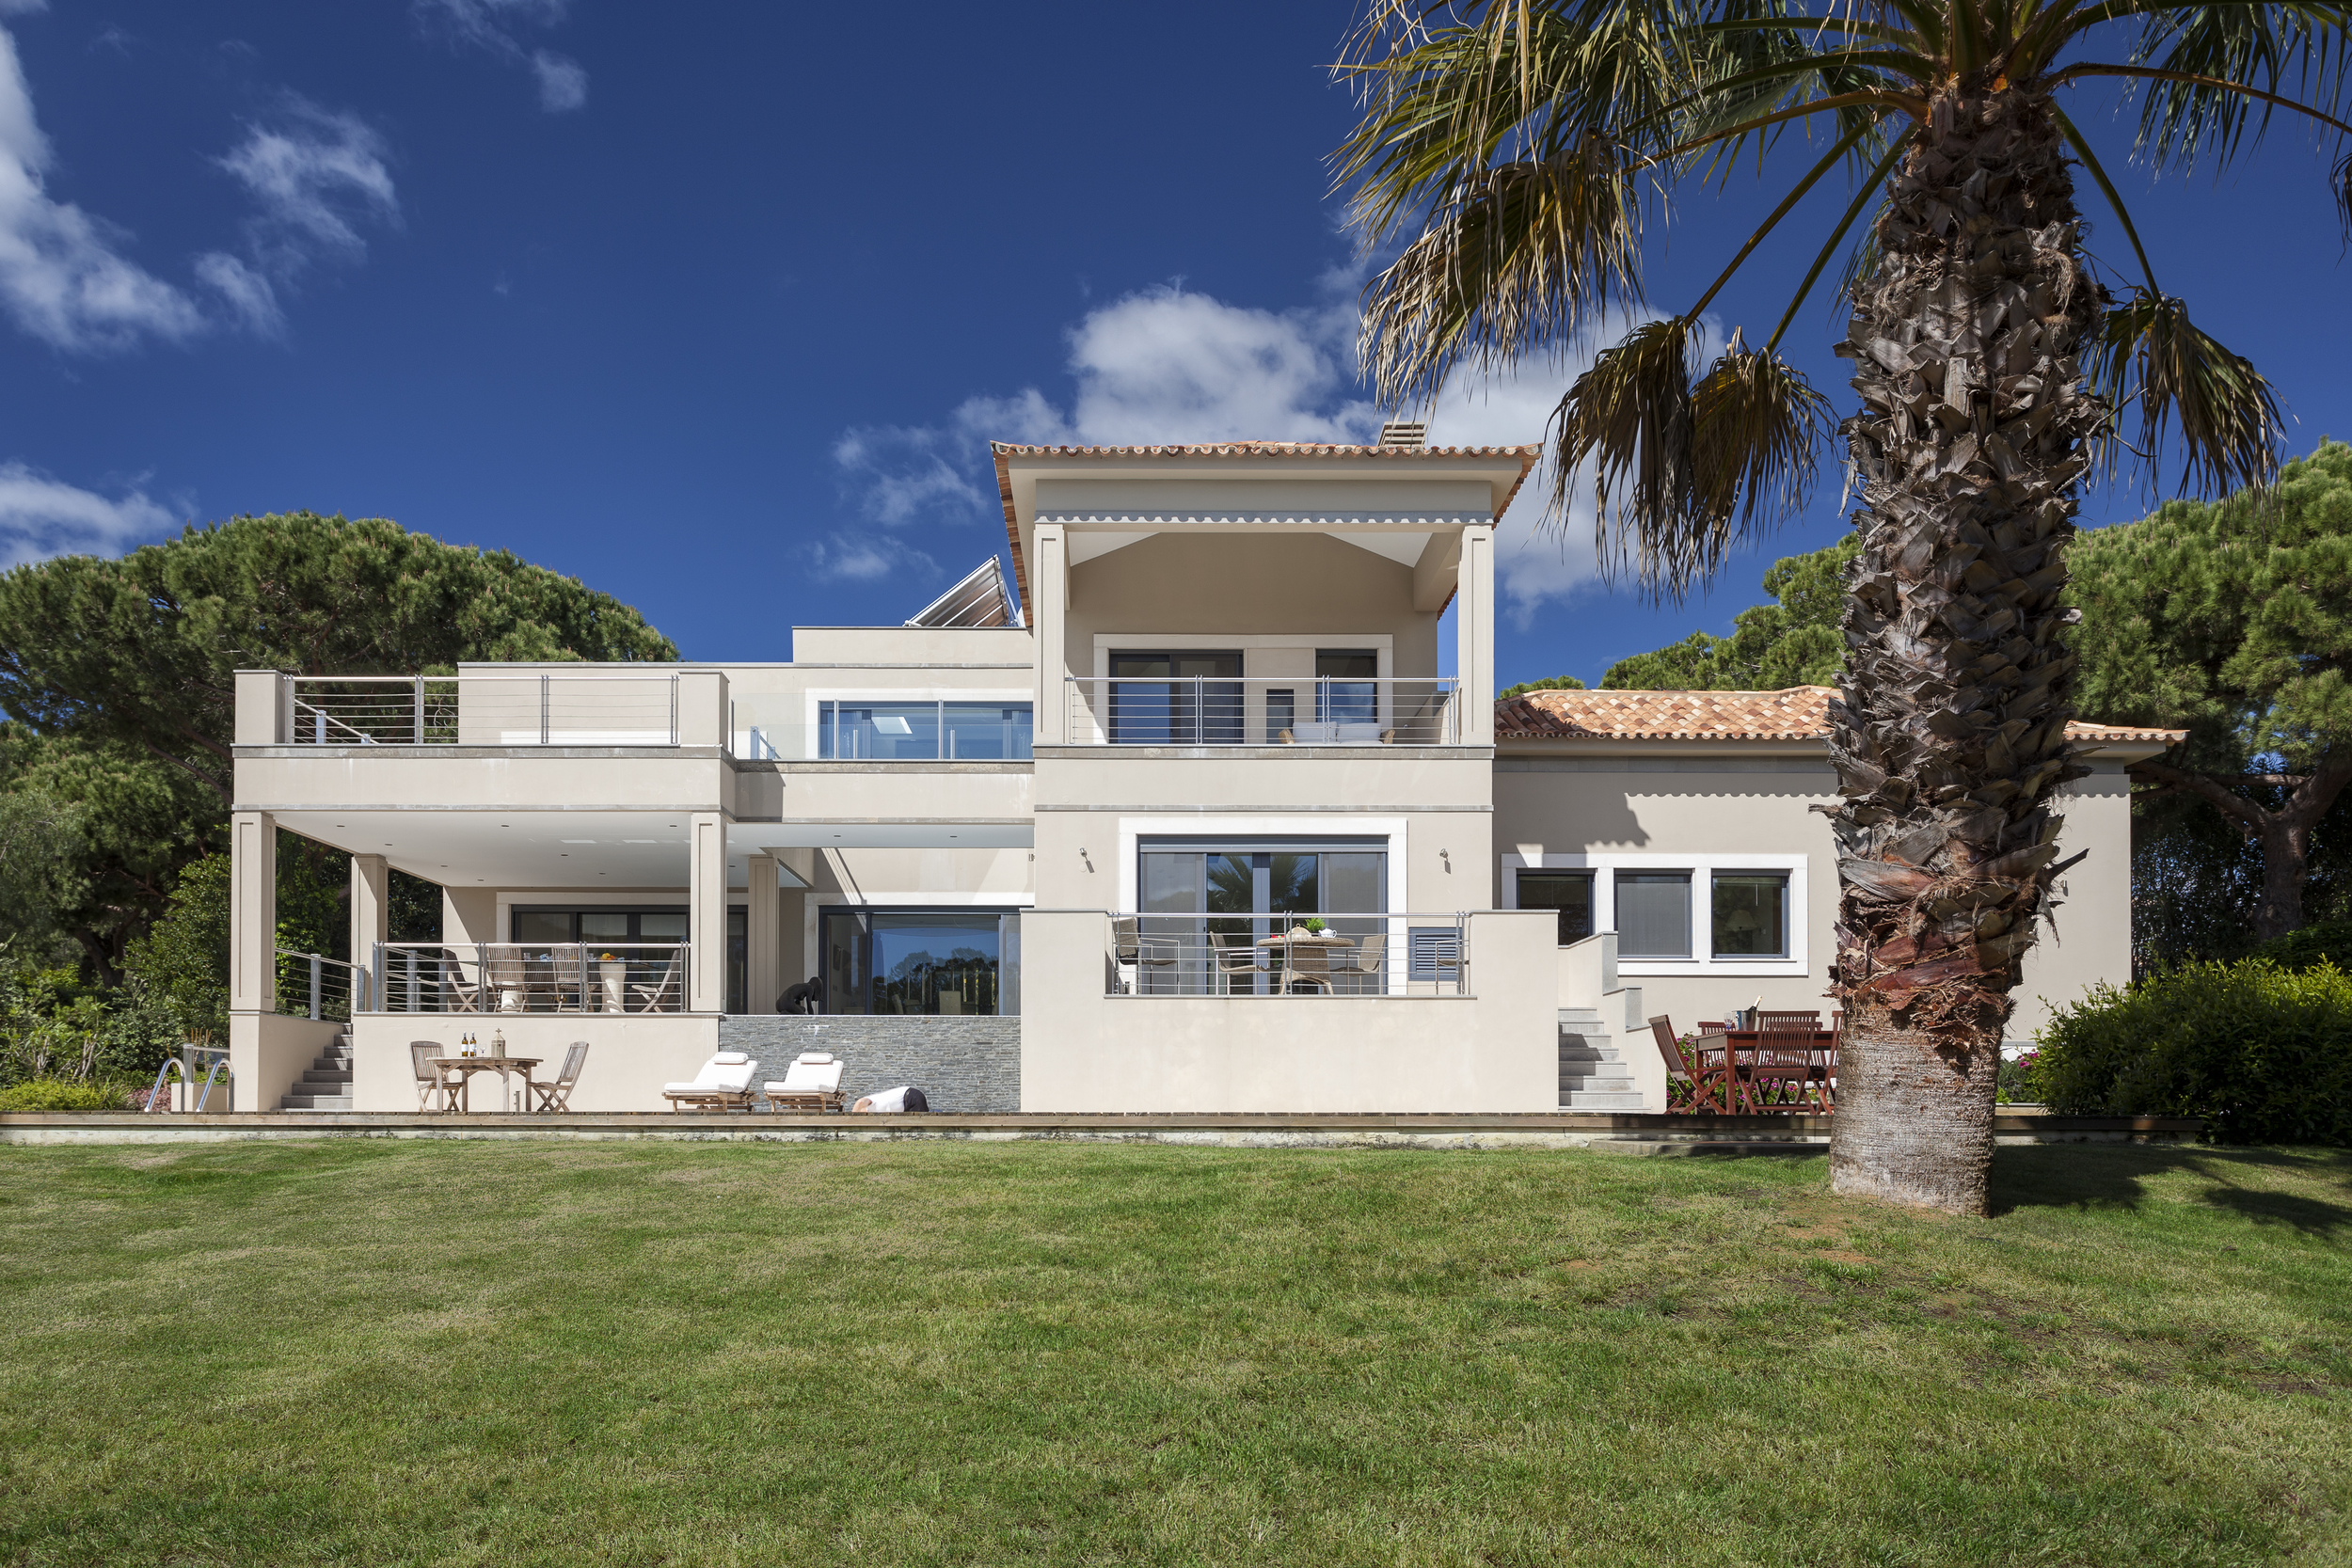 4 bedroom villa to rent in Quinta do Lago, RLV, Villa Serpentine, gardens.jpg